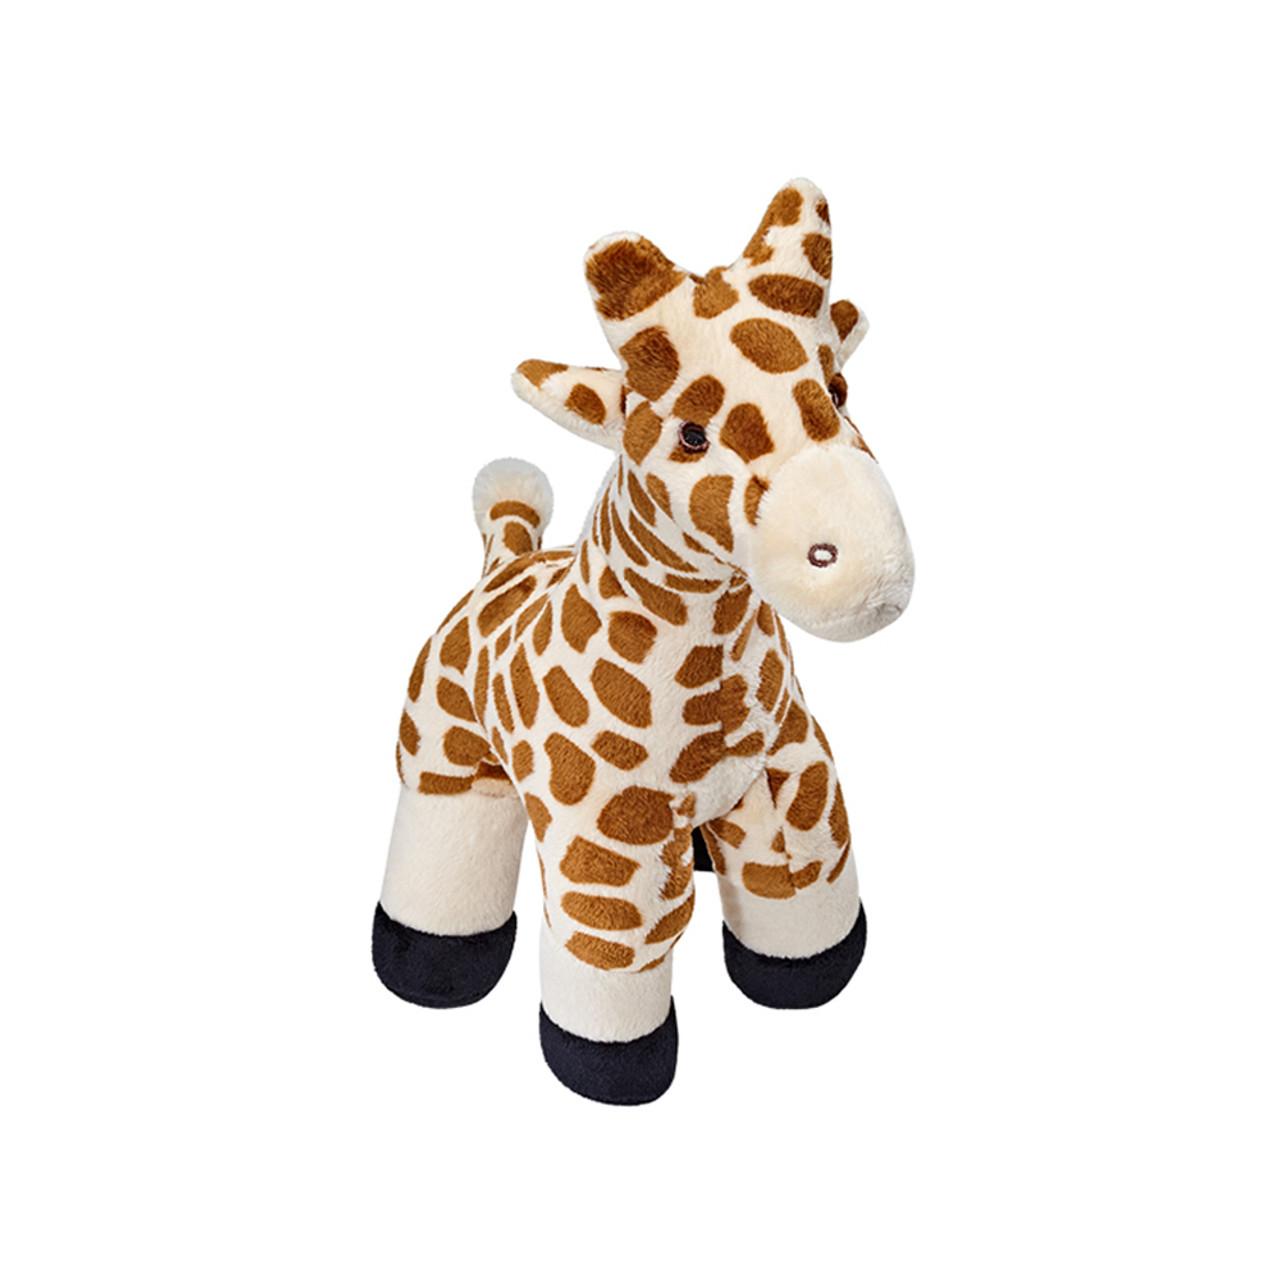 Fluff & Tuff Nelly Giraffe Plush Dog Toy